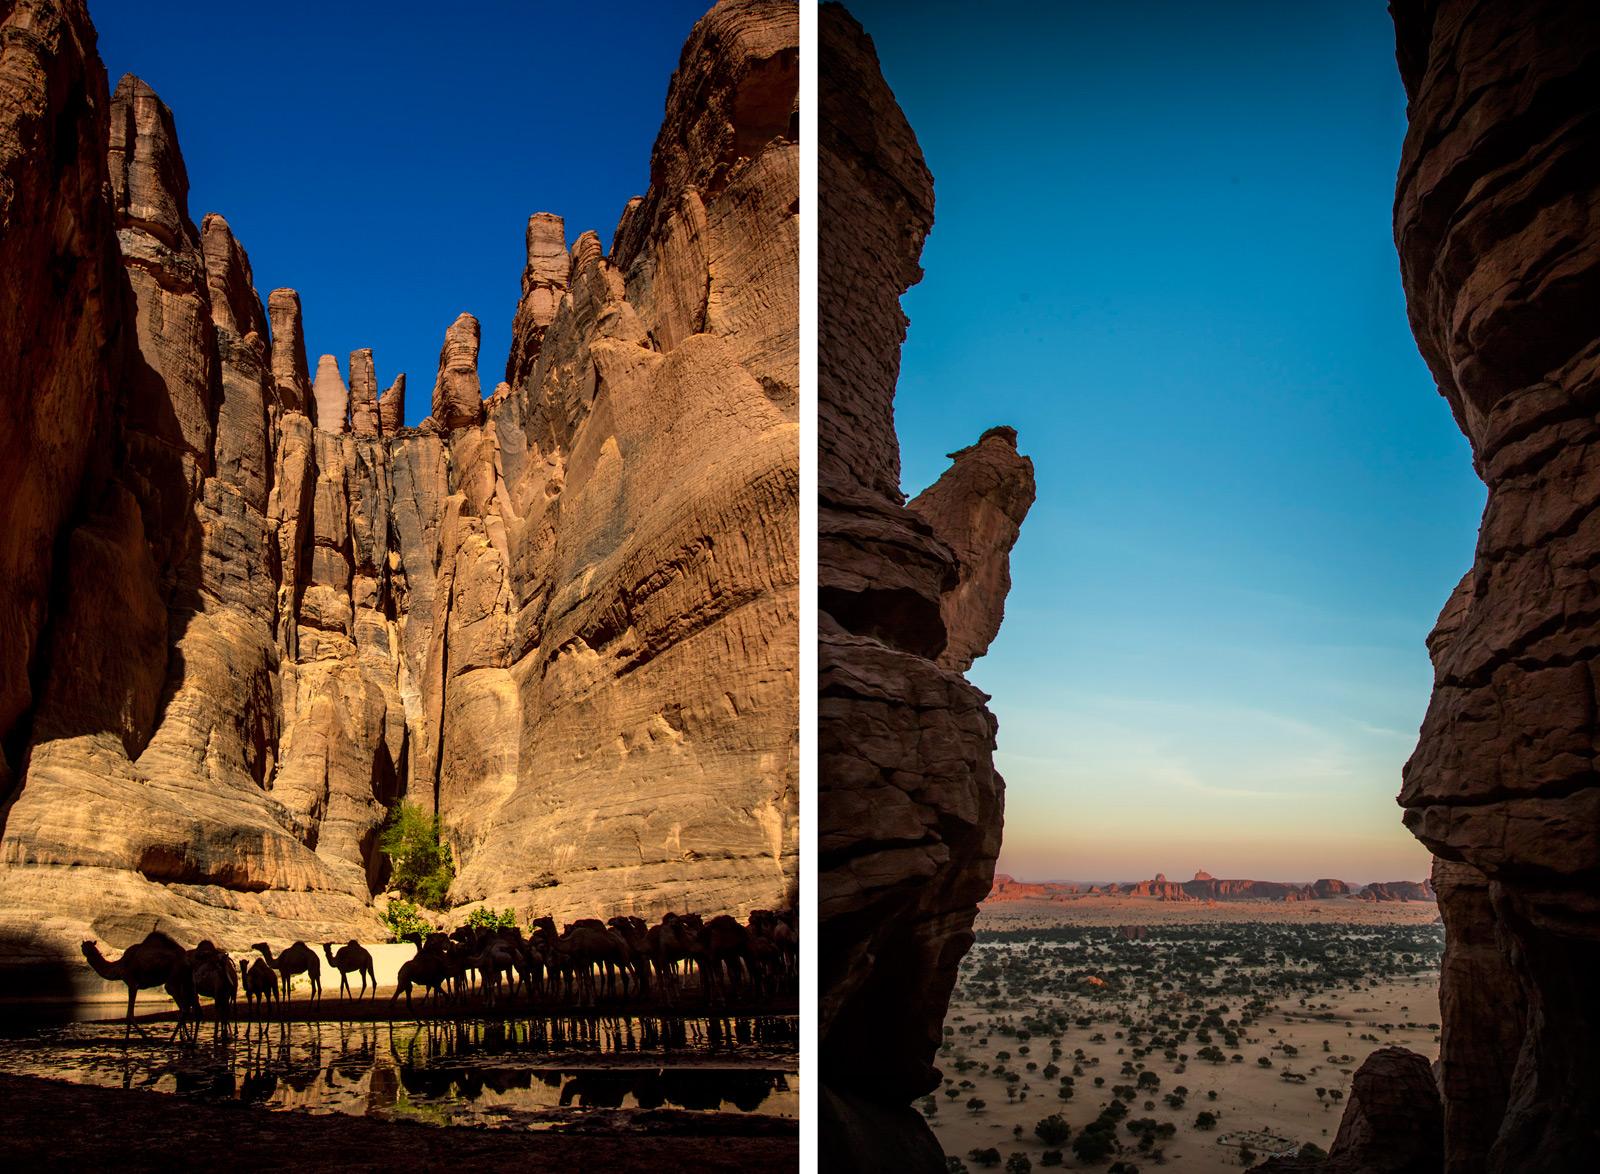 canyons-sahara-ennedi